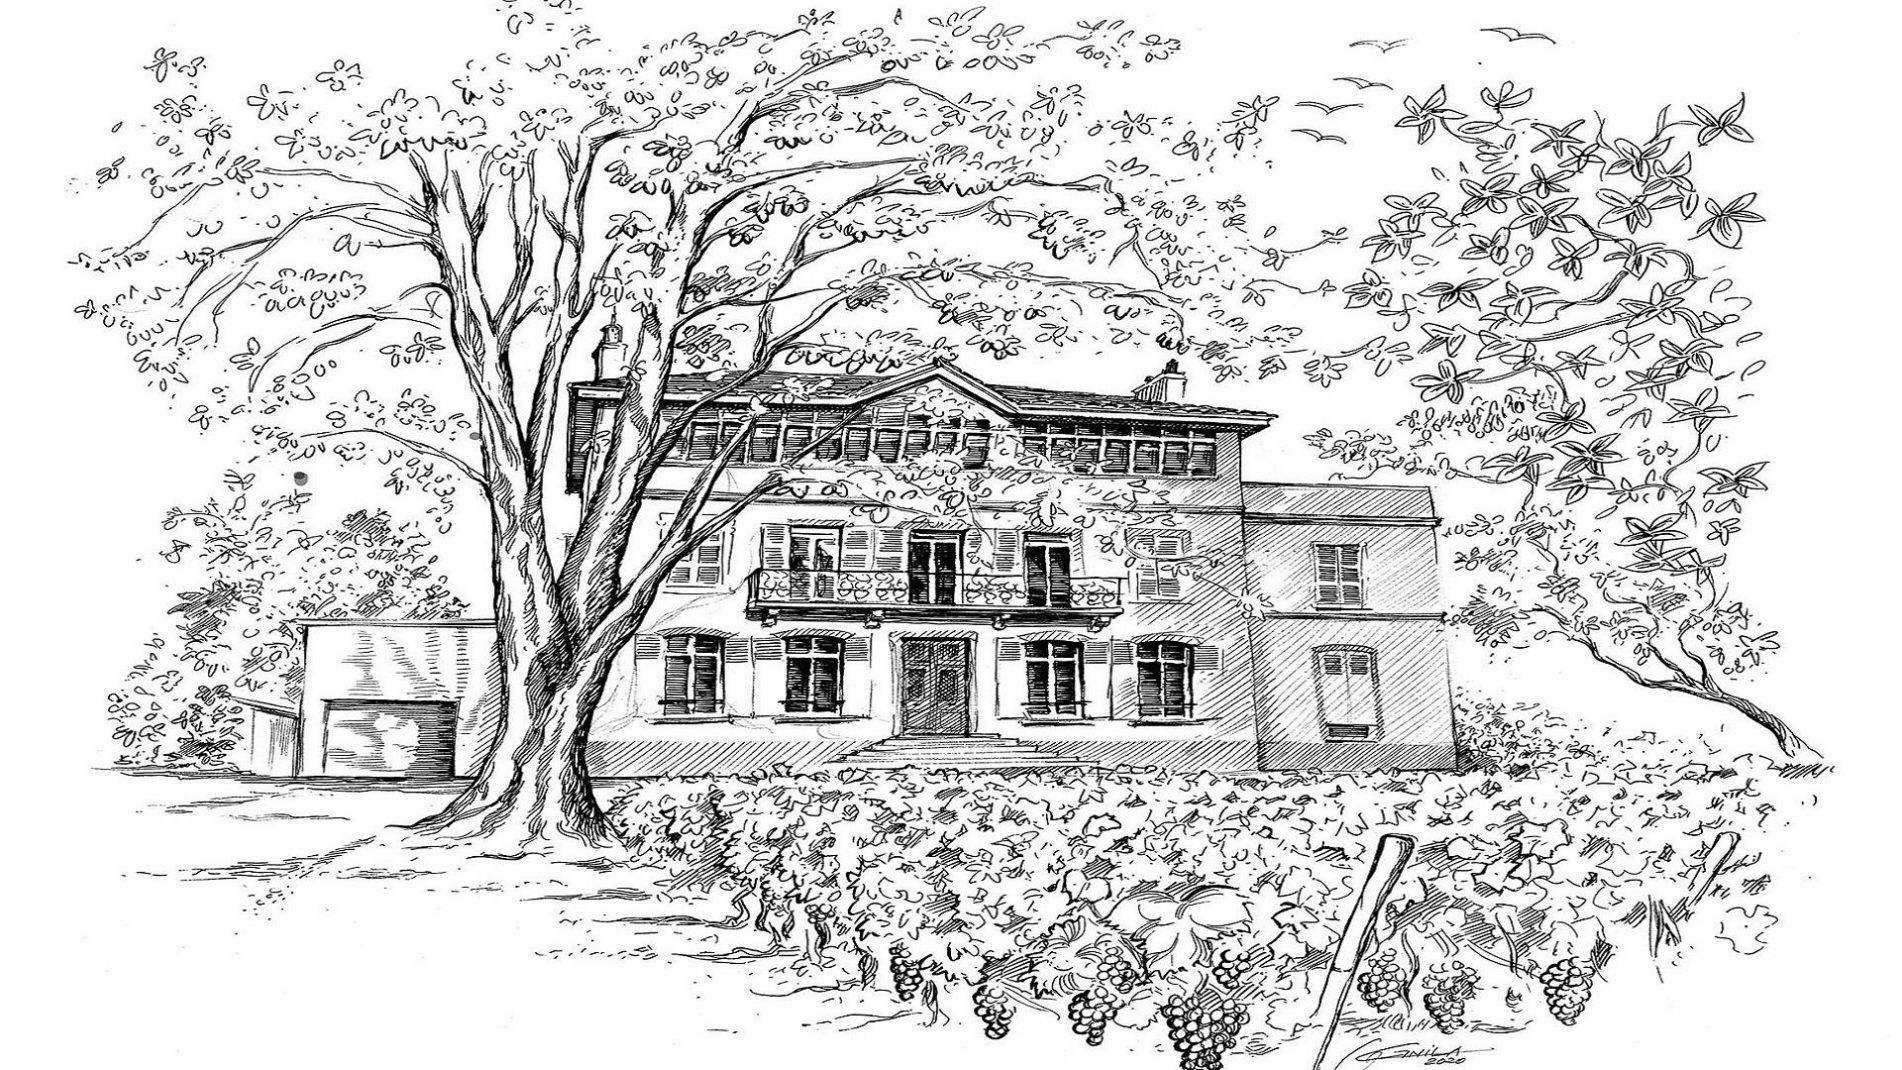 wine-school-by-fabrice-sommier-oenologie-degustation-macon-bourgogne